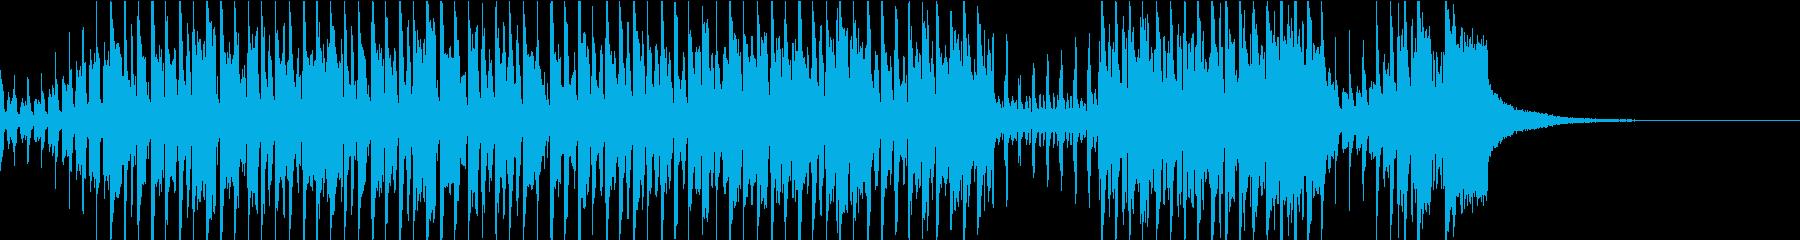 賑やかな中国風のBGM 二胡・笛子の再生済みの波形